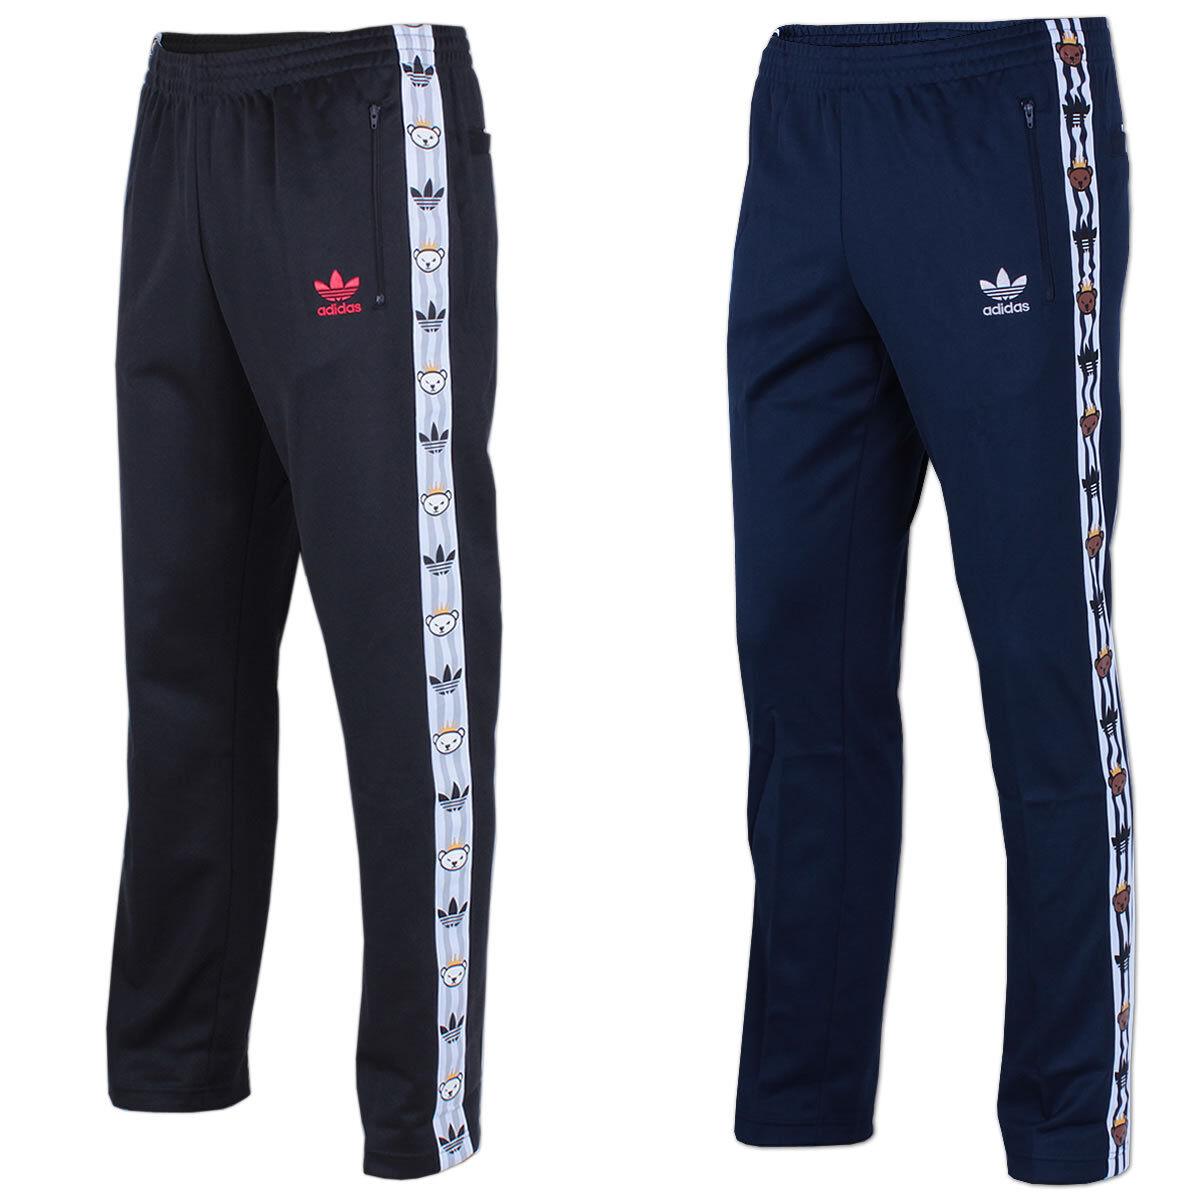 adbaf4781aeb7c Adidas Originals Trainingshose Retro Bear Bear Bear Track Pant Trefoil Hose  Jogginghose a9dd41